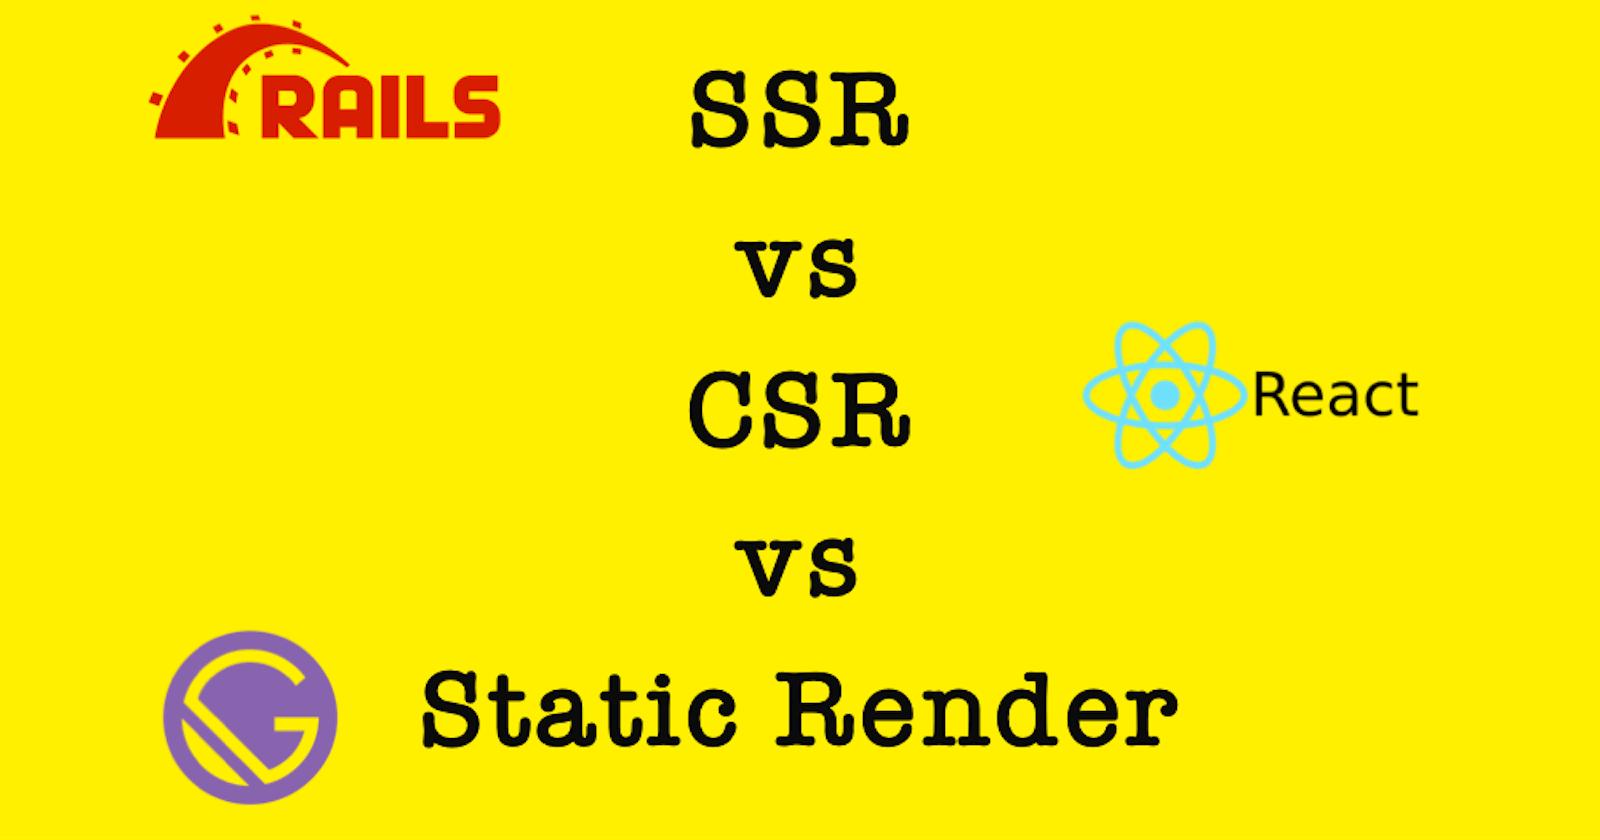 SSR vs CSR vs Static Render